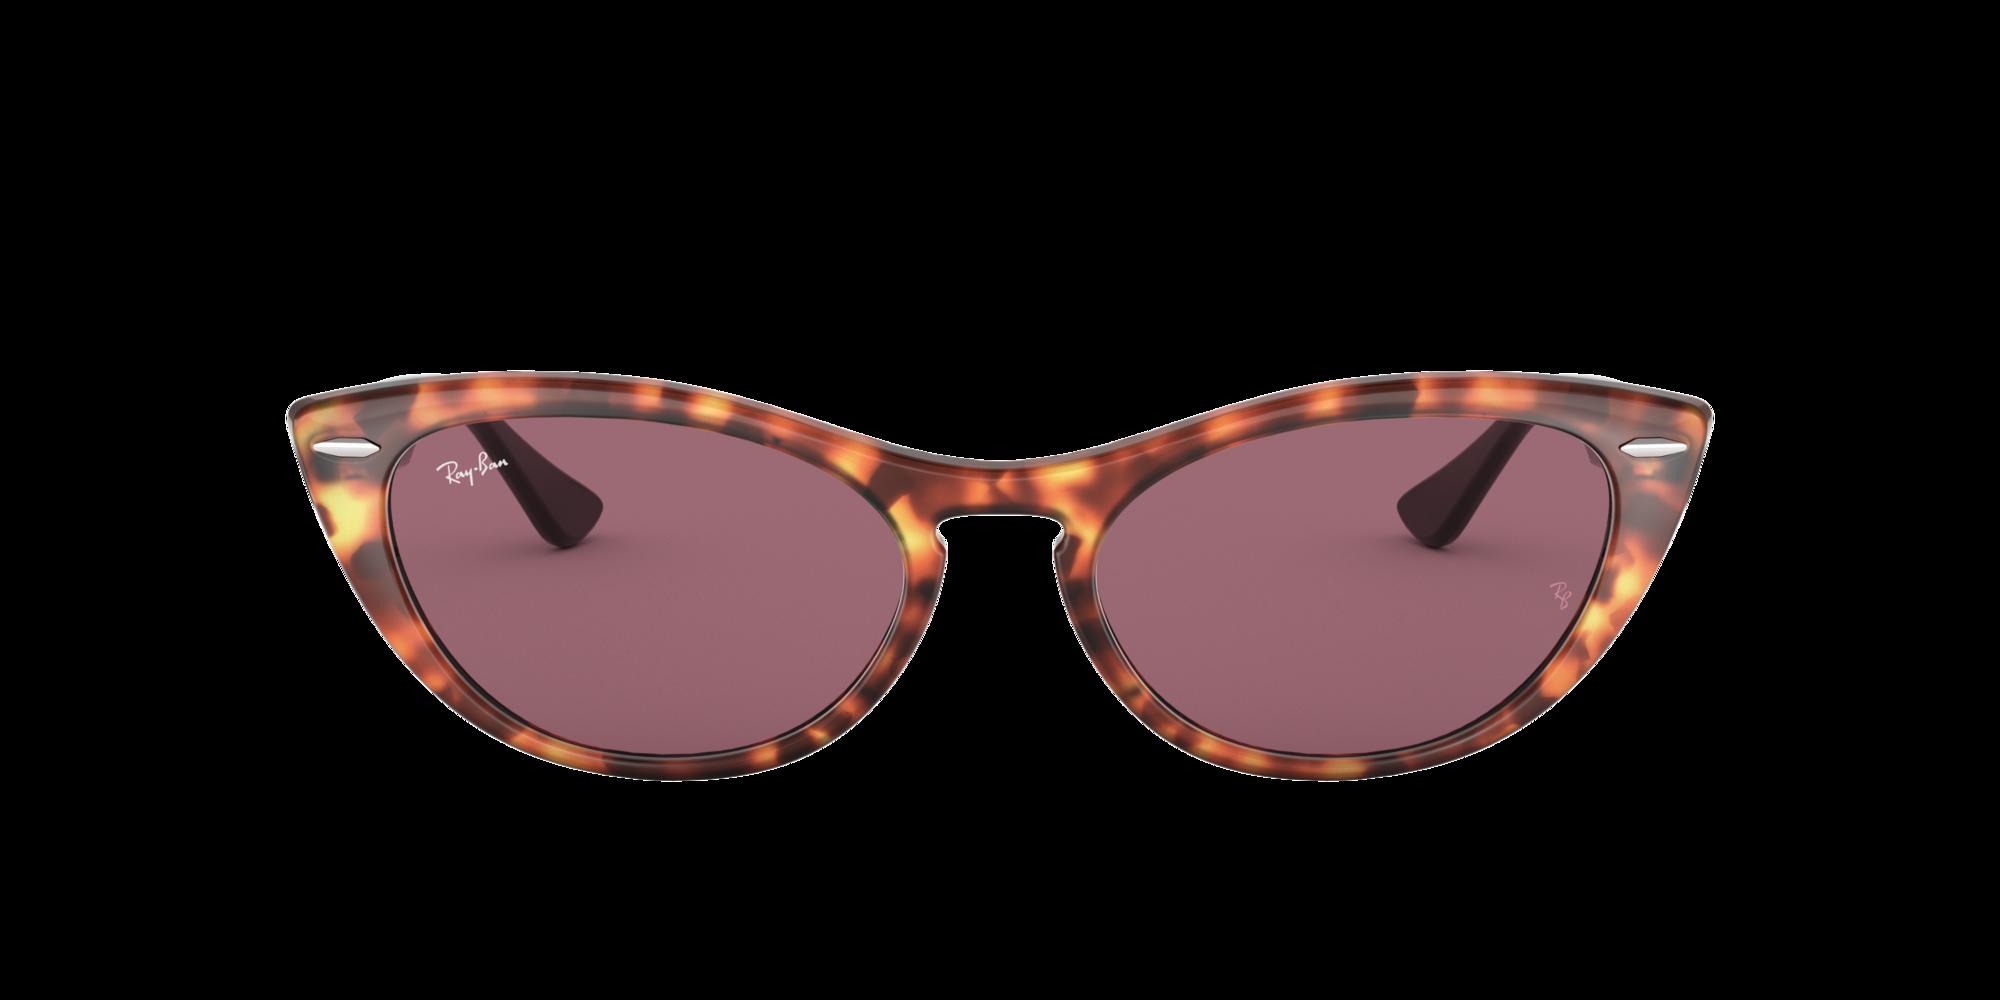 Imagen para RB4314N 54 NINA de LensCrafters |  Espejuelos, espejuelos graduados en línea, gafas